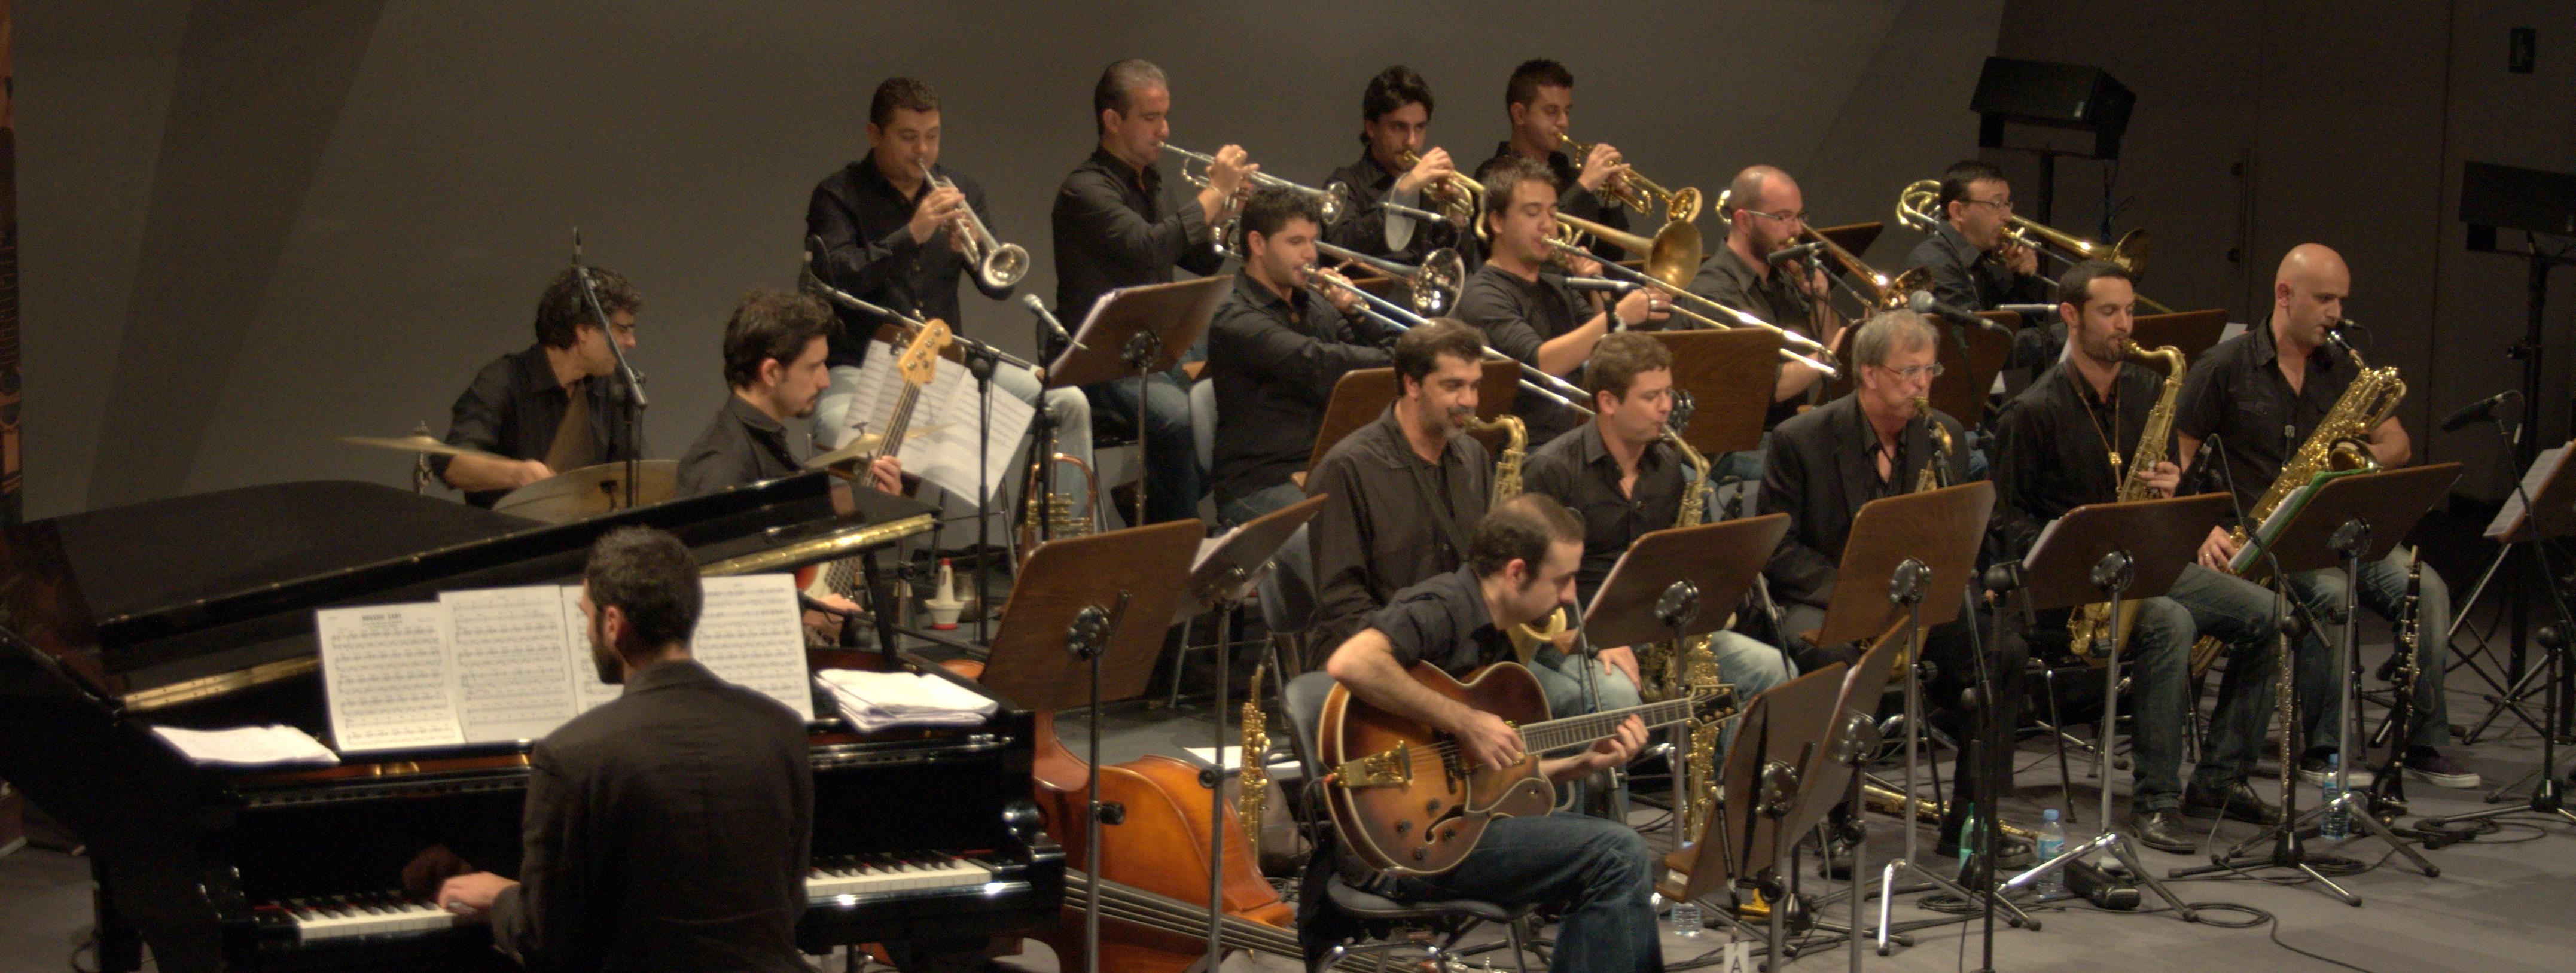 Havana Vibes y la Big Band de Canarias abren la IV Semana Internacional de Jazz Ciudad de La Laguna